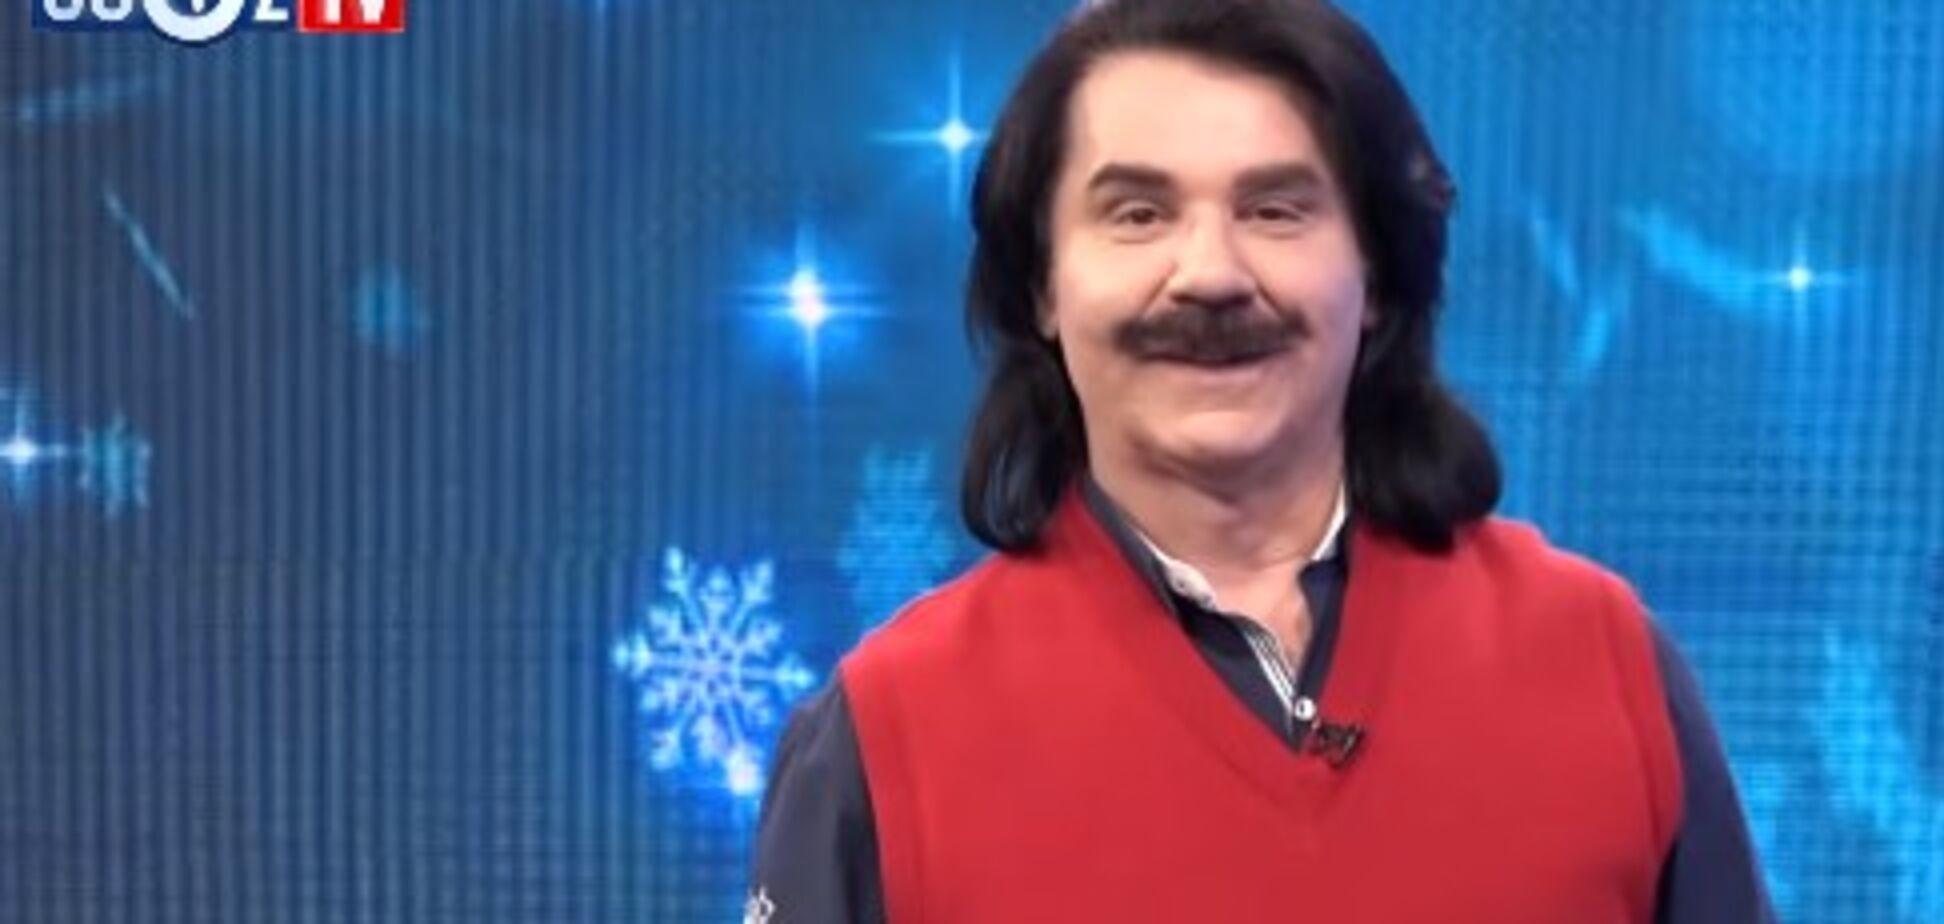 'Закінчиться війна, повернуться діти': знаменитий співак емоційно привітав українців